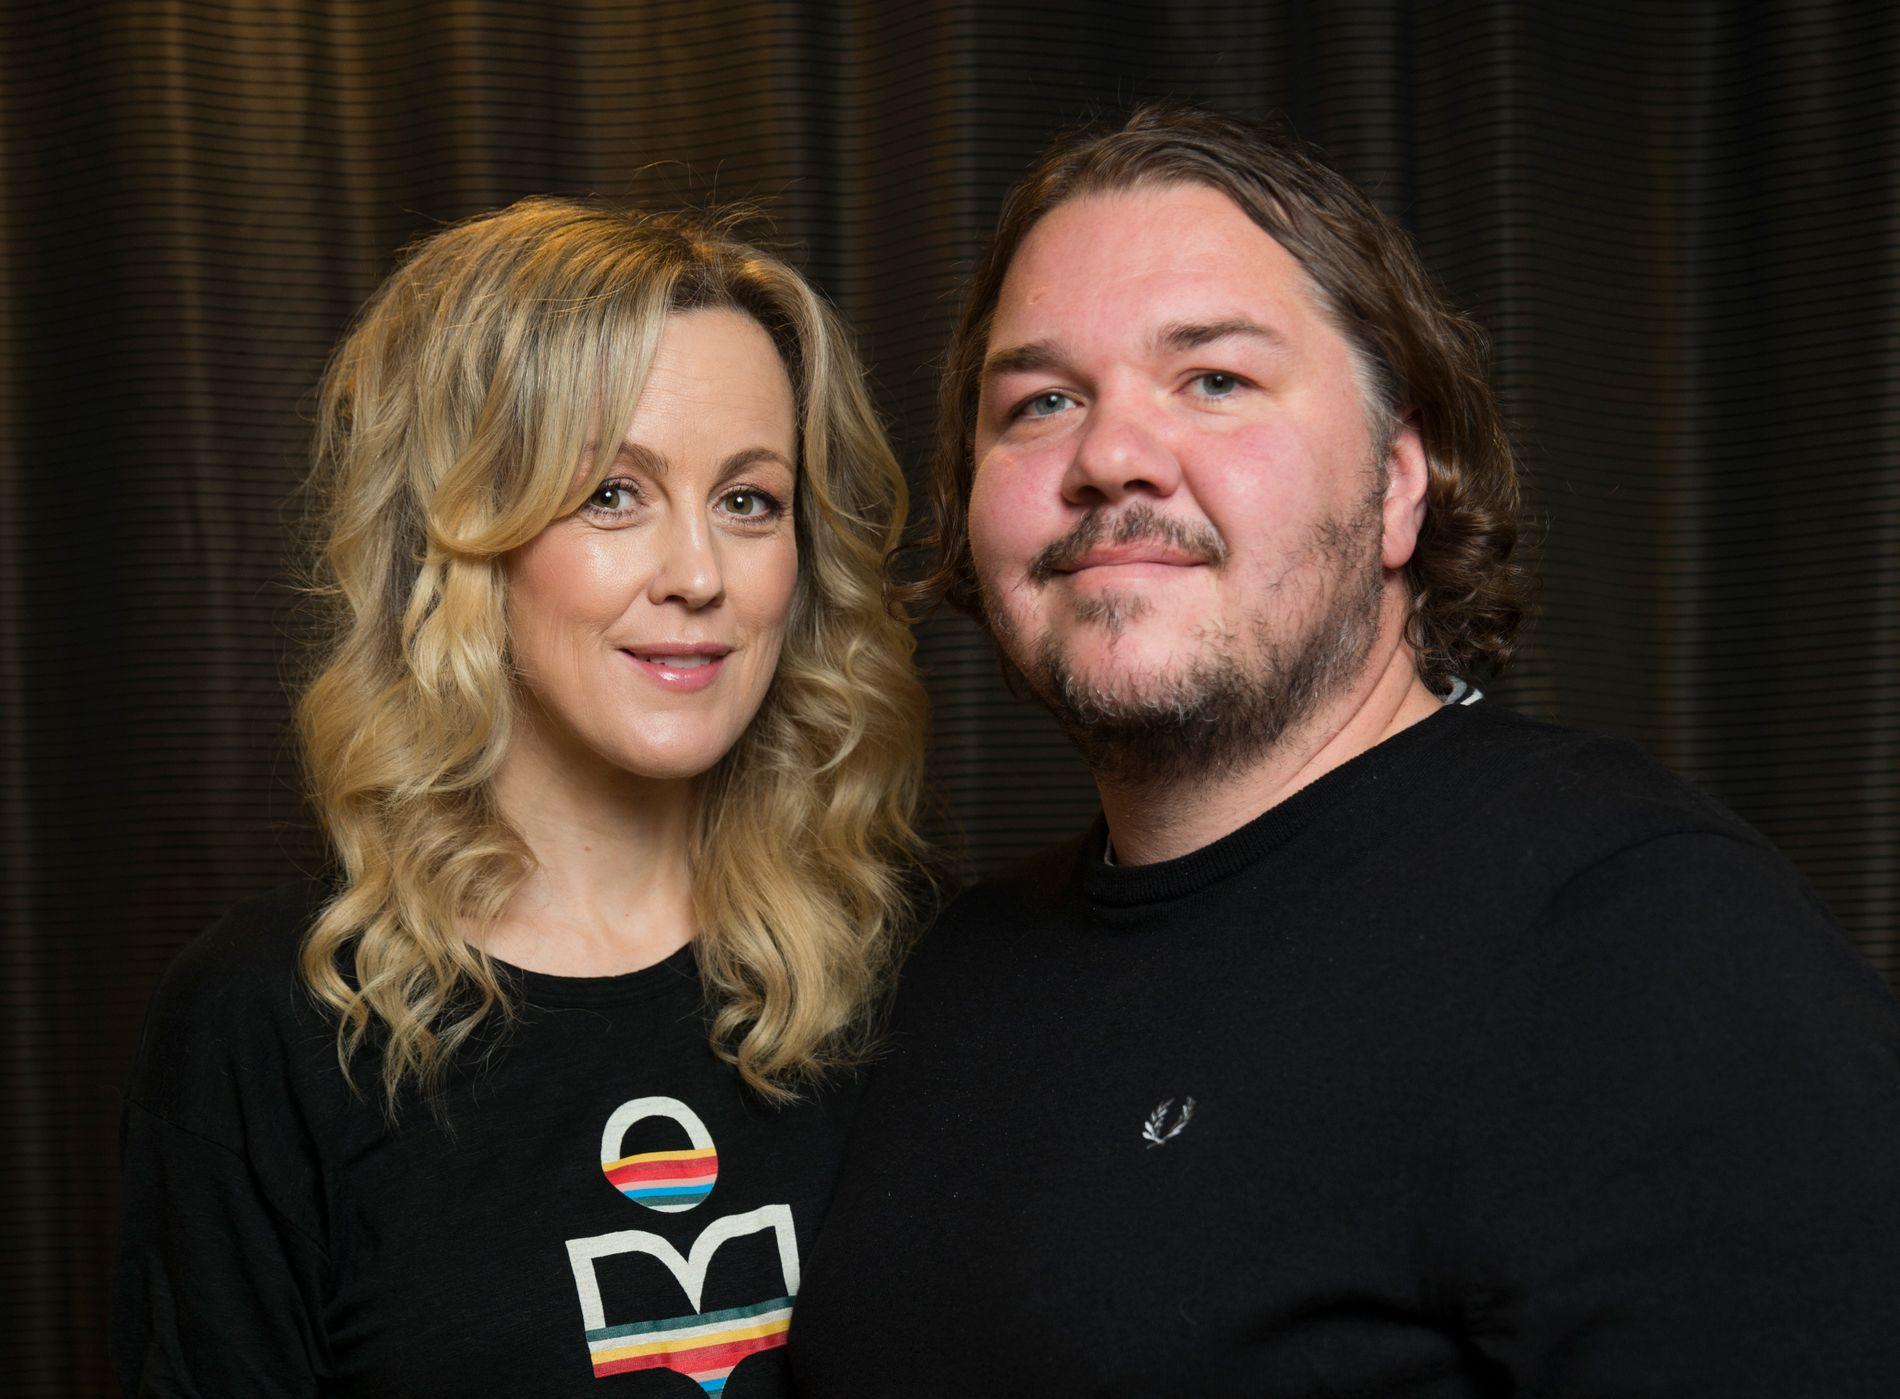 MANGEÅRIGE KJÆRESTER: Skuespillerparet Saastad Ottesen og Kaalstad har vært en duo siden 2008. Her under et pressetreff til NRK-serien «Vikingane» i 2016.